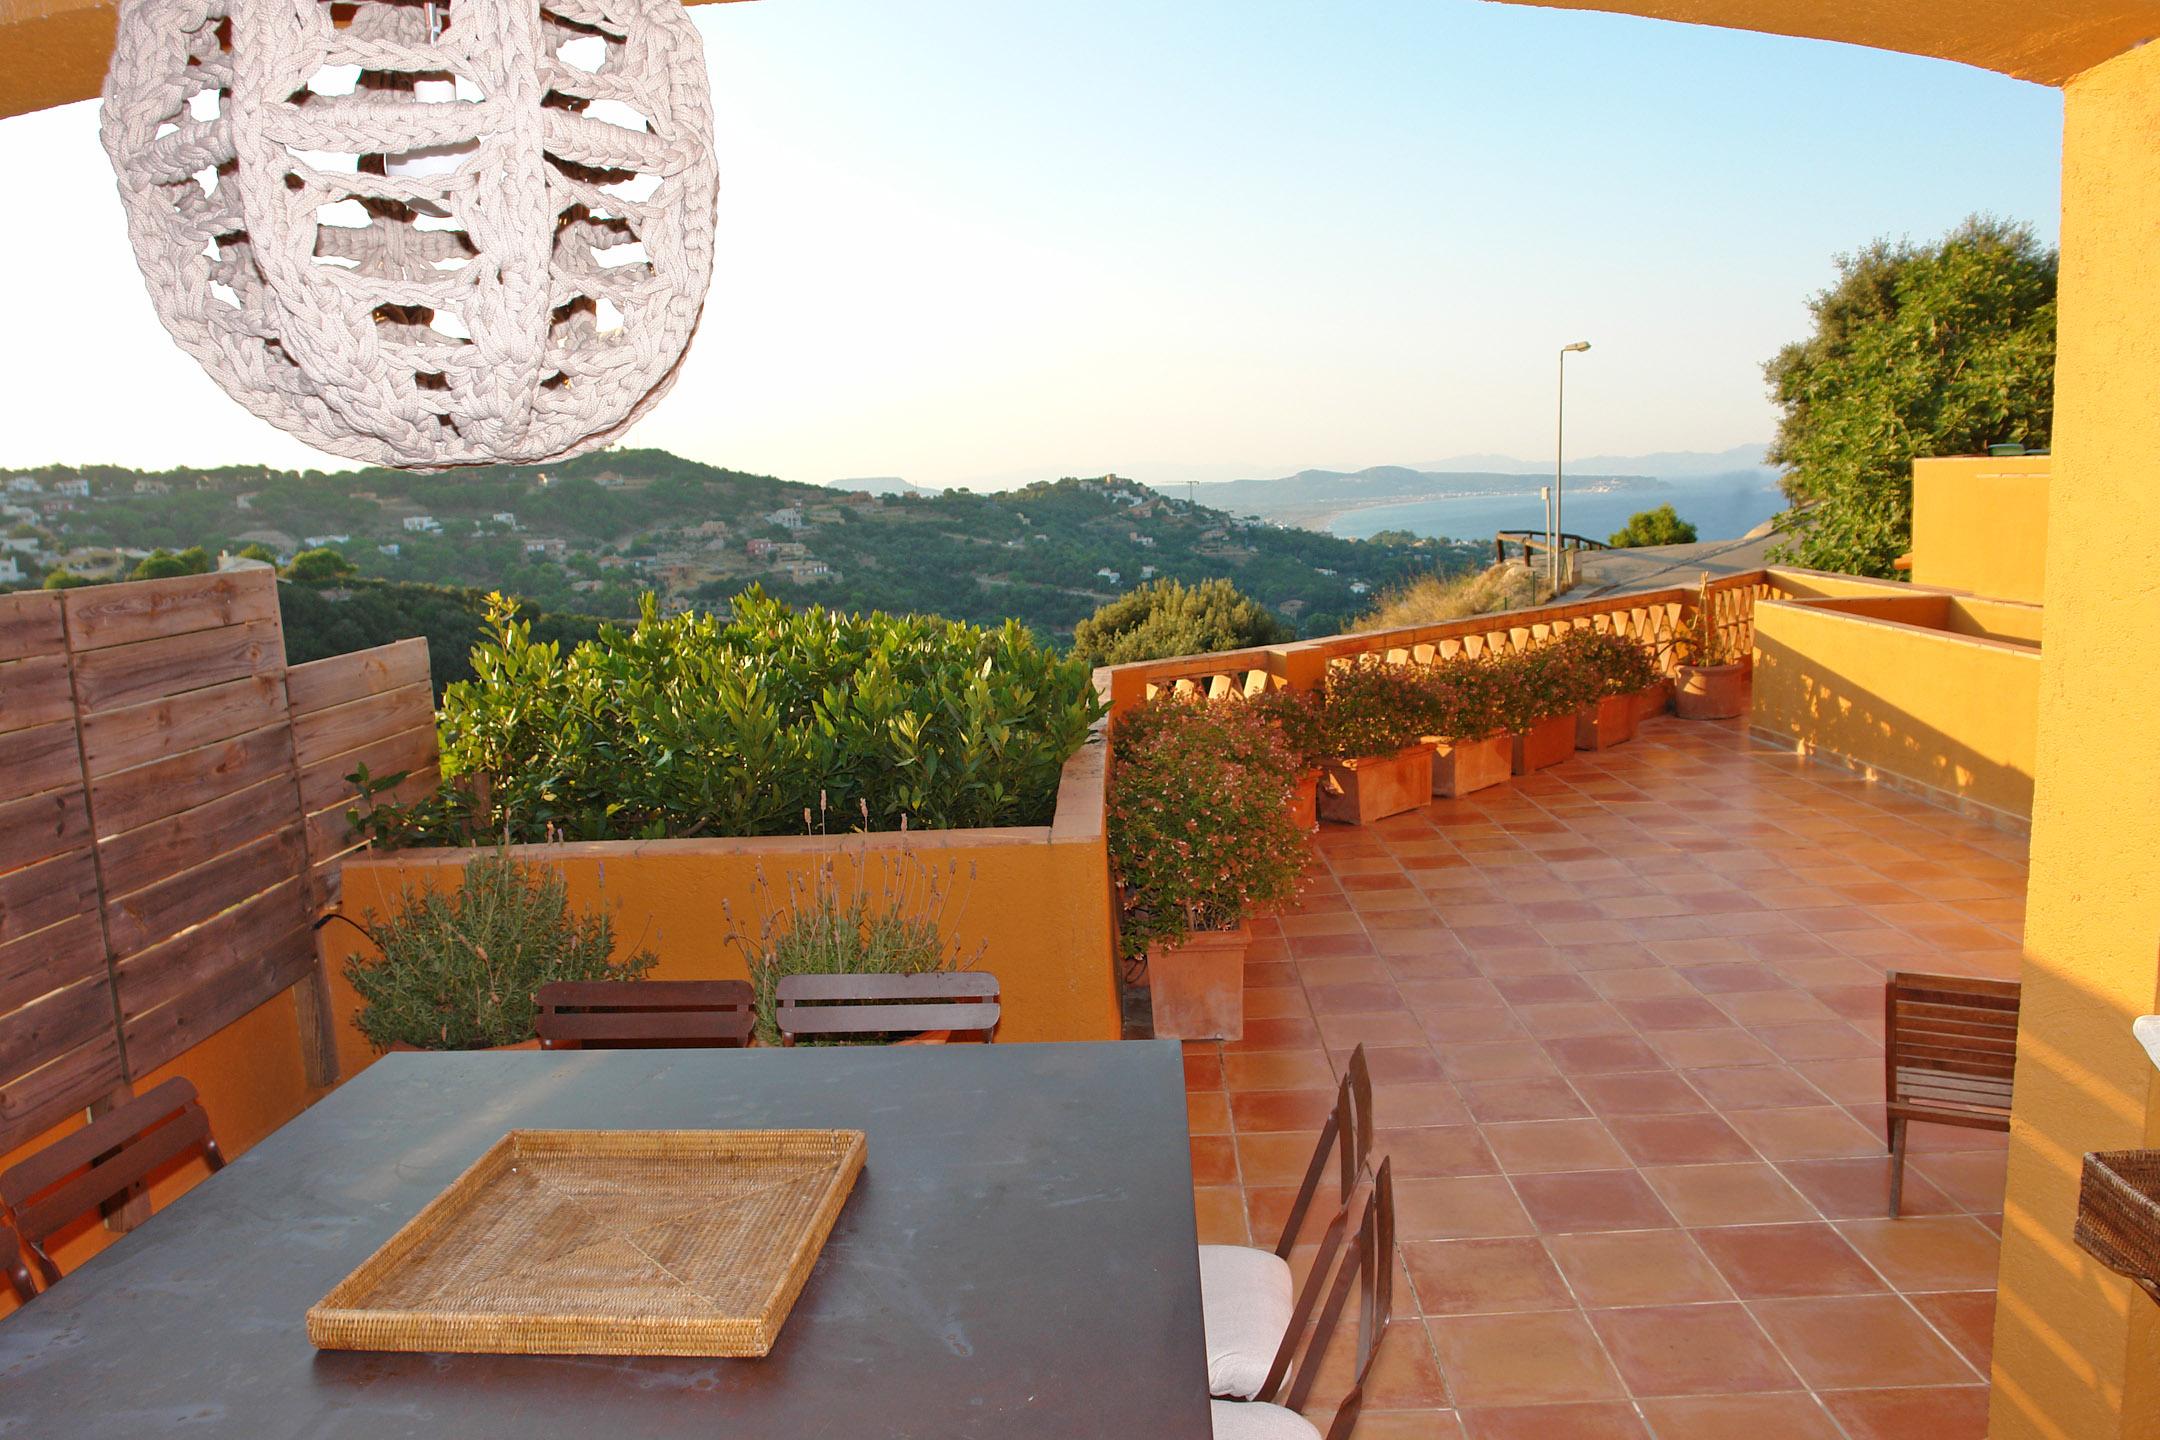 Einfamilienhaus für Verkauf beim Terraced house with views and walking distance to the village of Begur Begur, Costa Brava 17255 Spanien